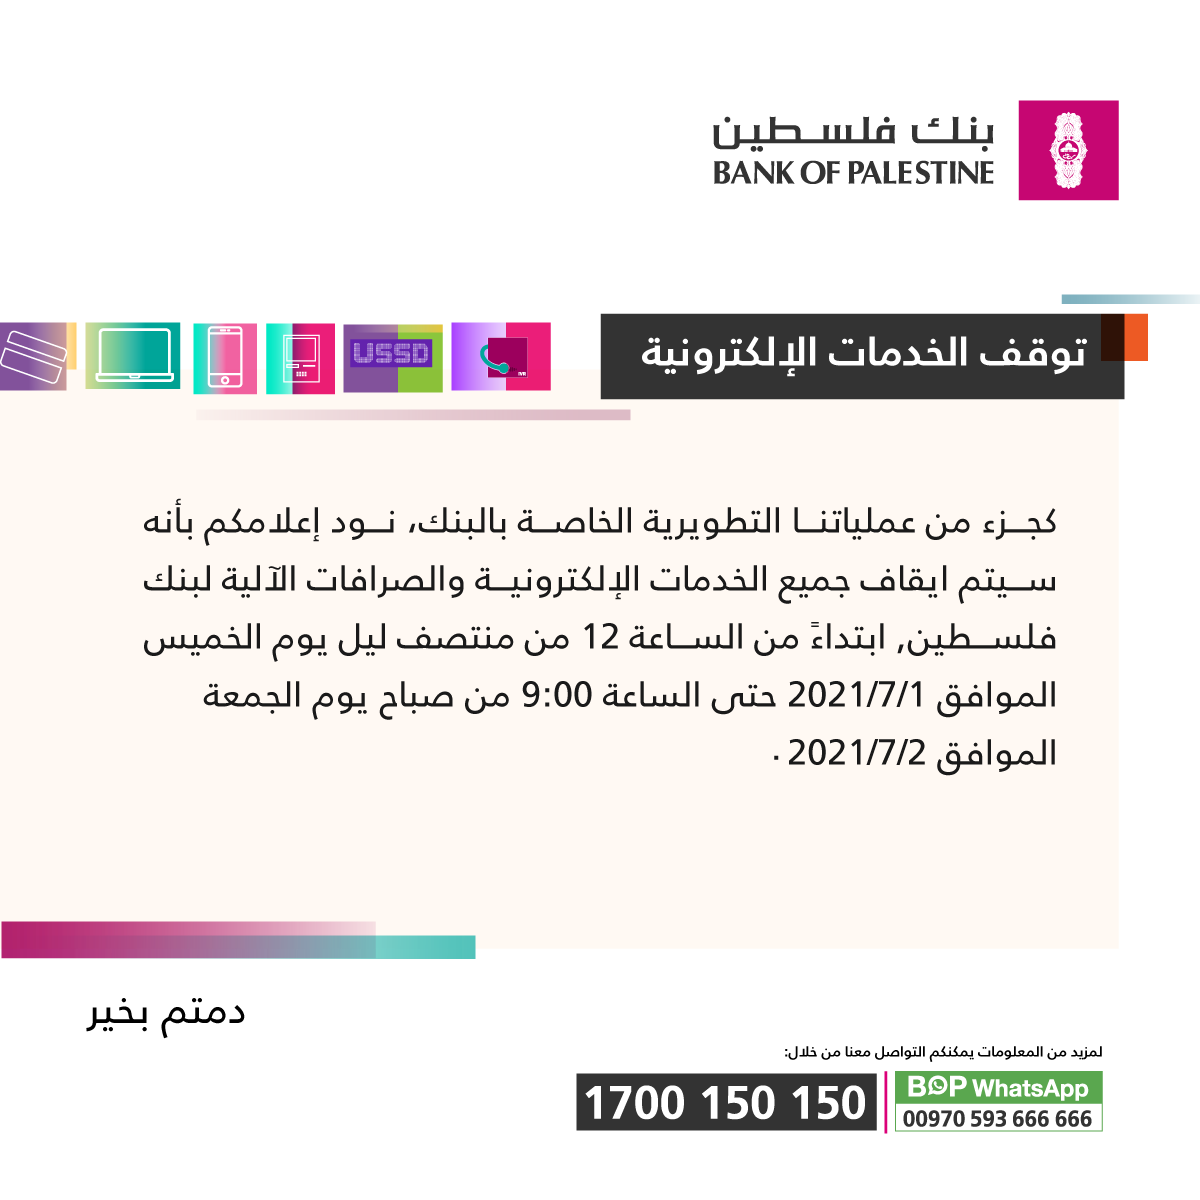 بنك فلسطين يوقف كافة خدماته الإلكترونية والصرافات الآلية لهذا السبب!